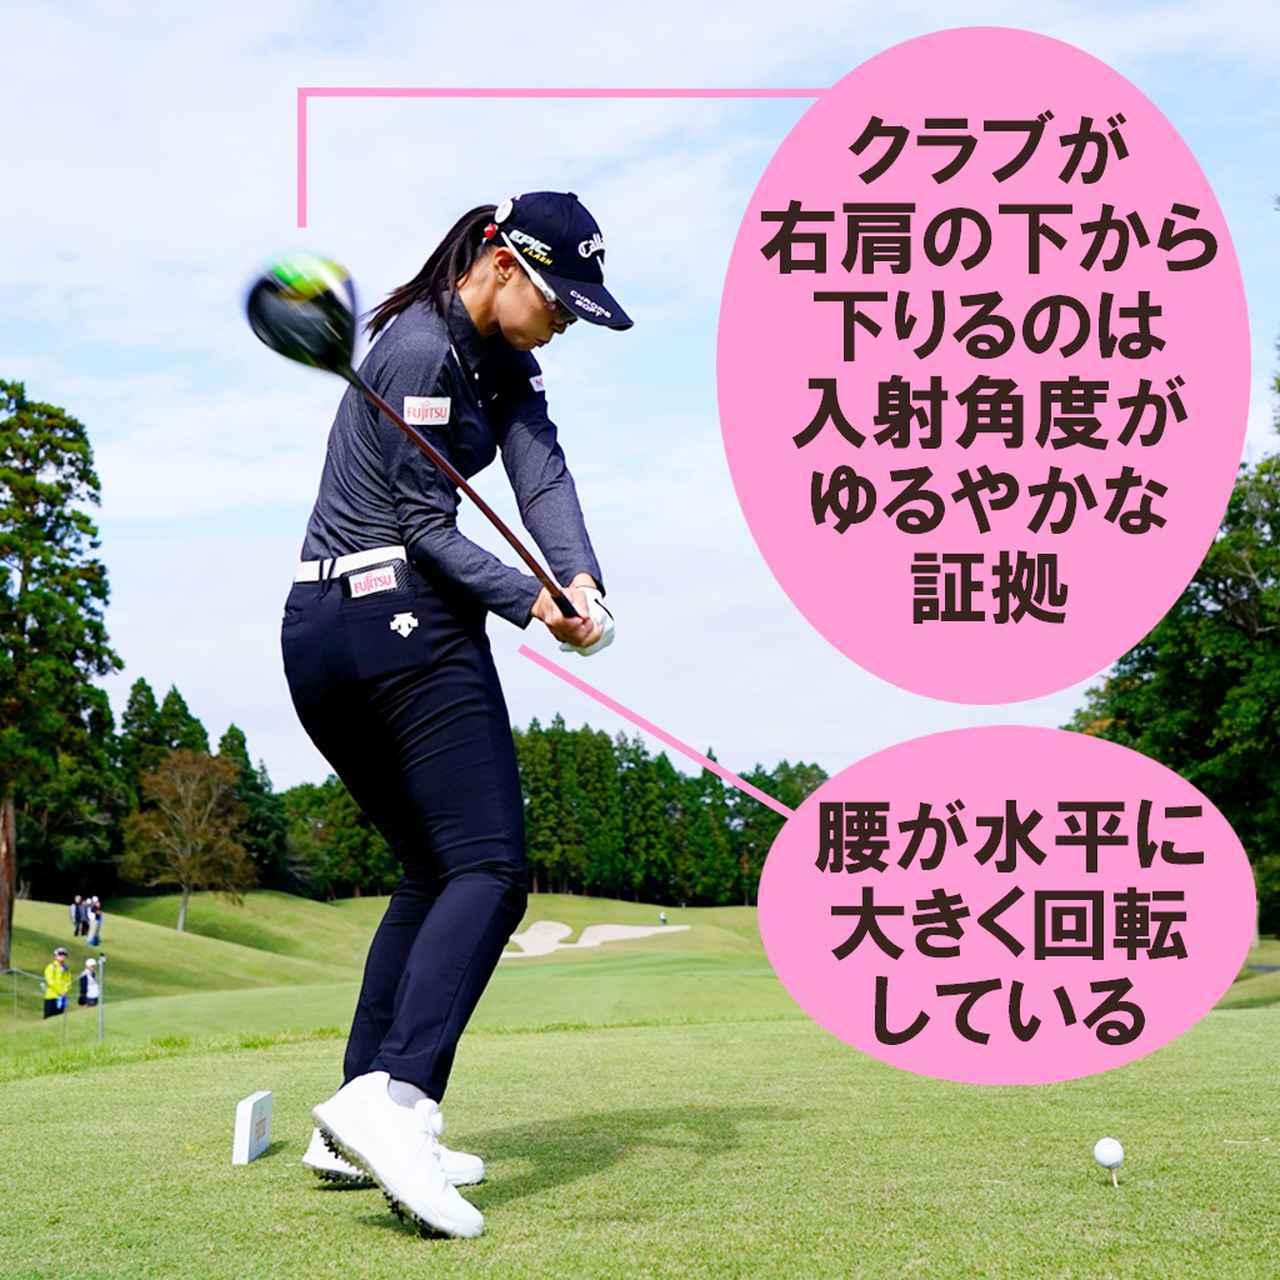 画像: 水平回転する腰の動きに注目